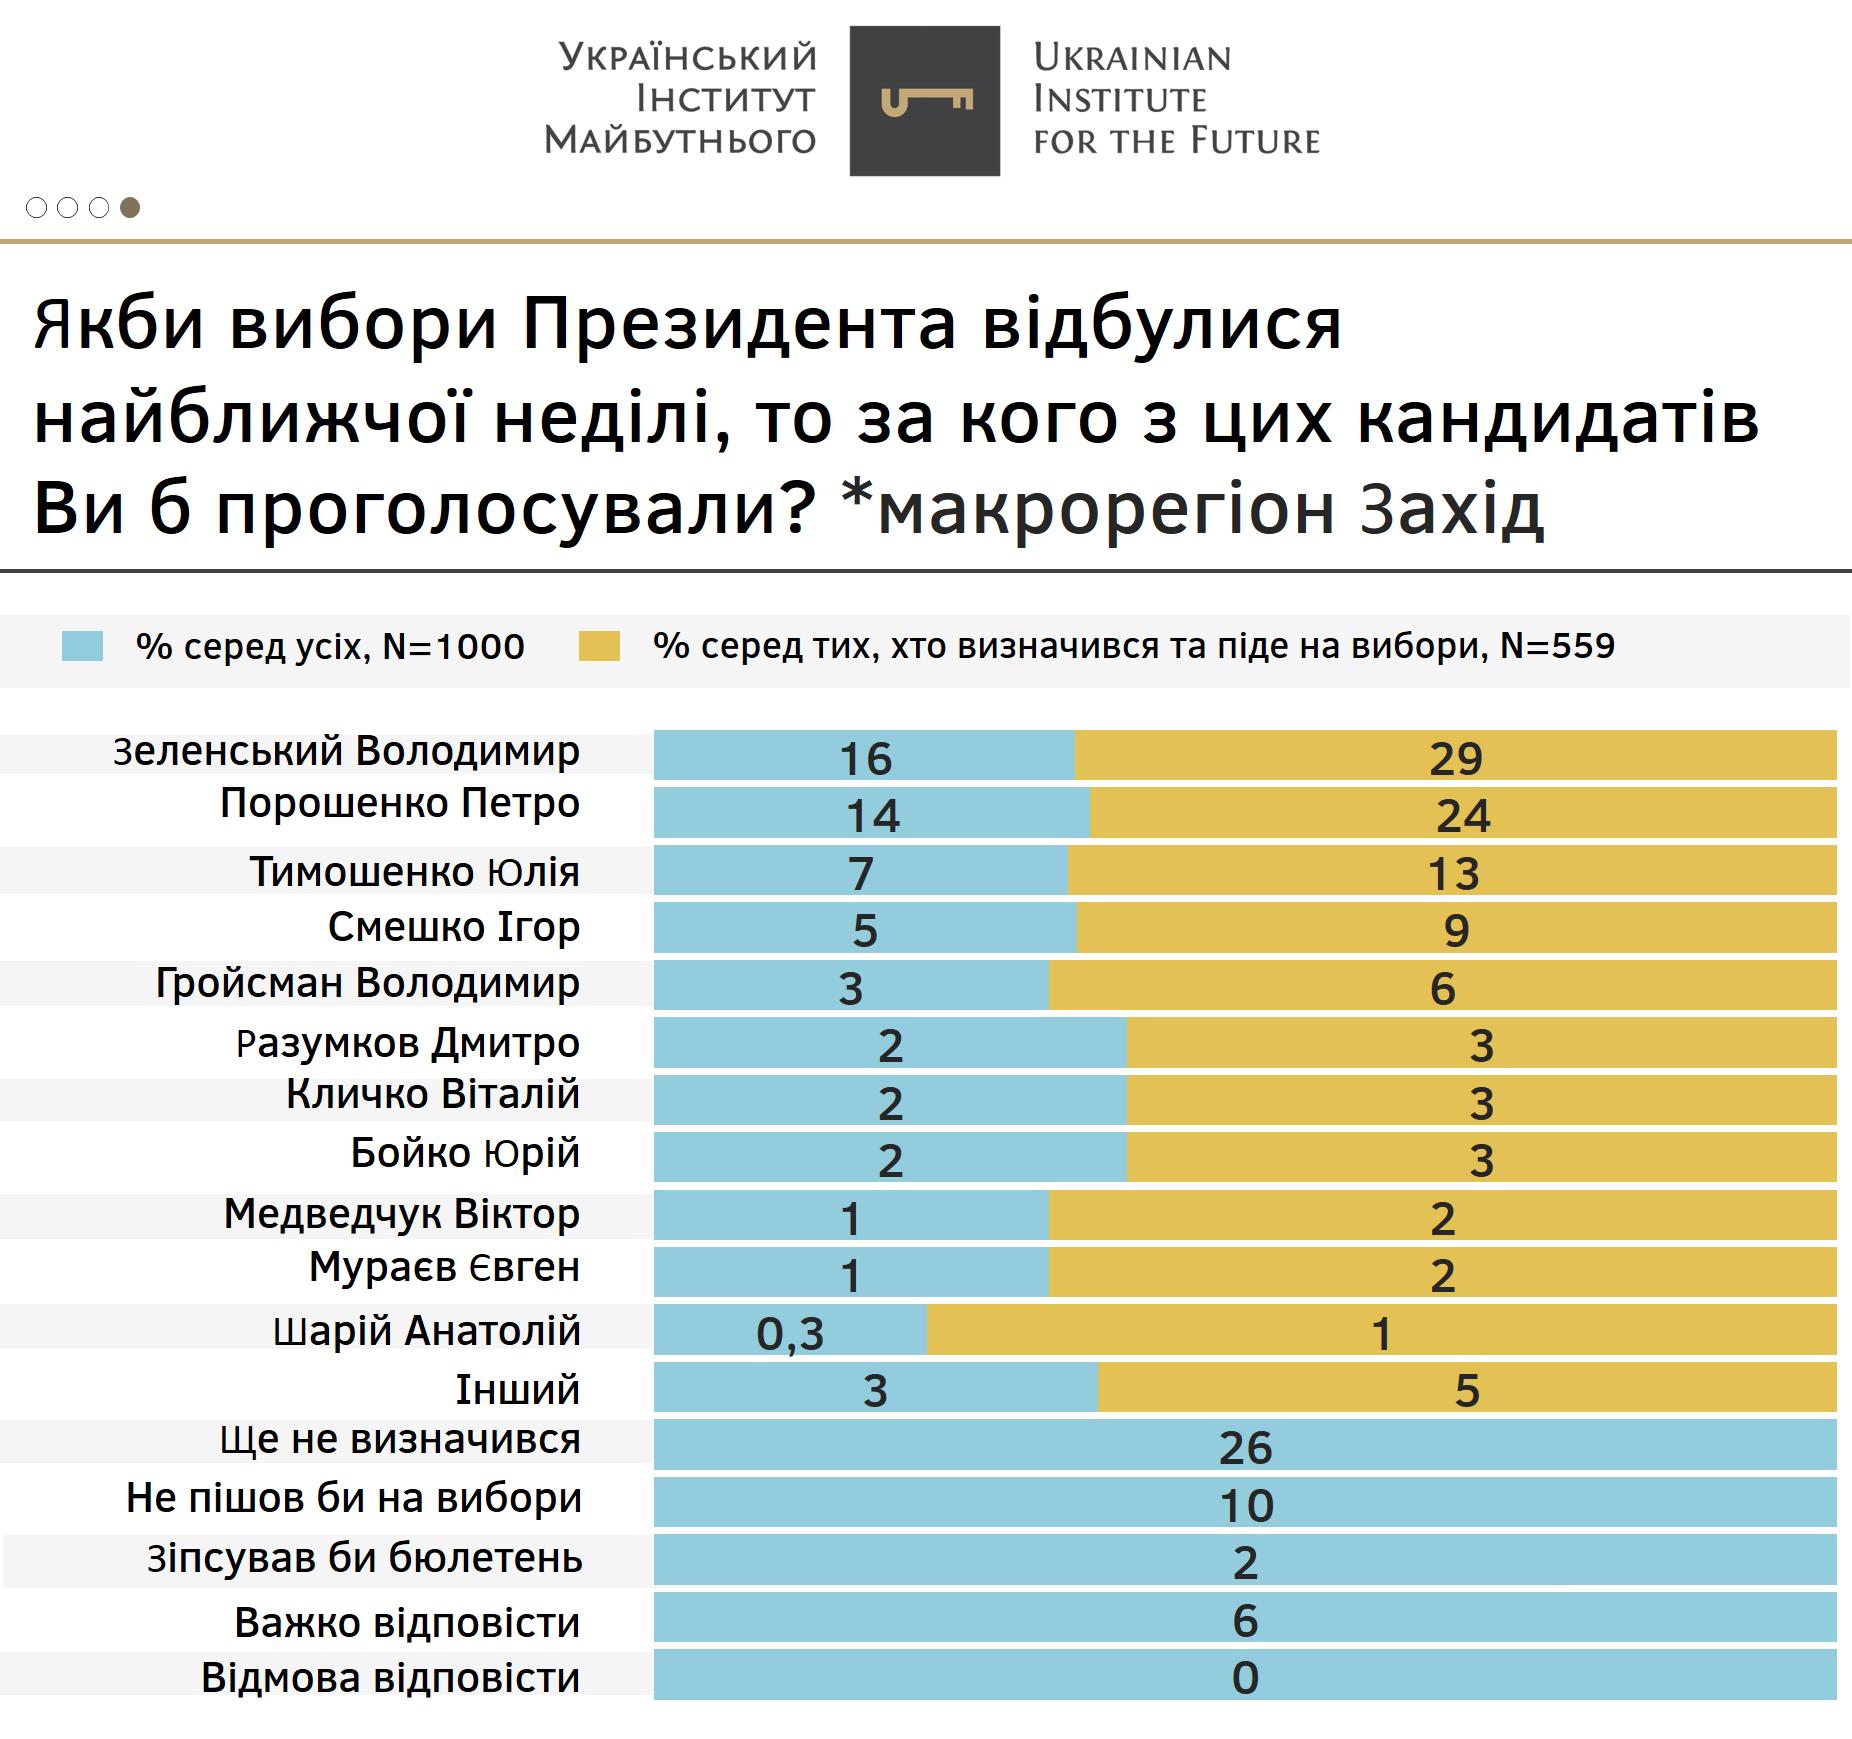 Результаты исследования в западной части Украины